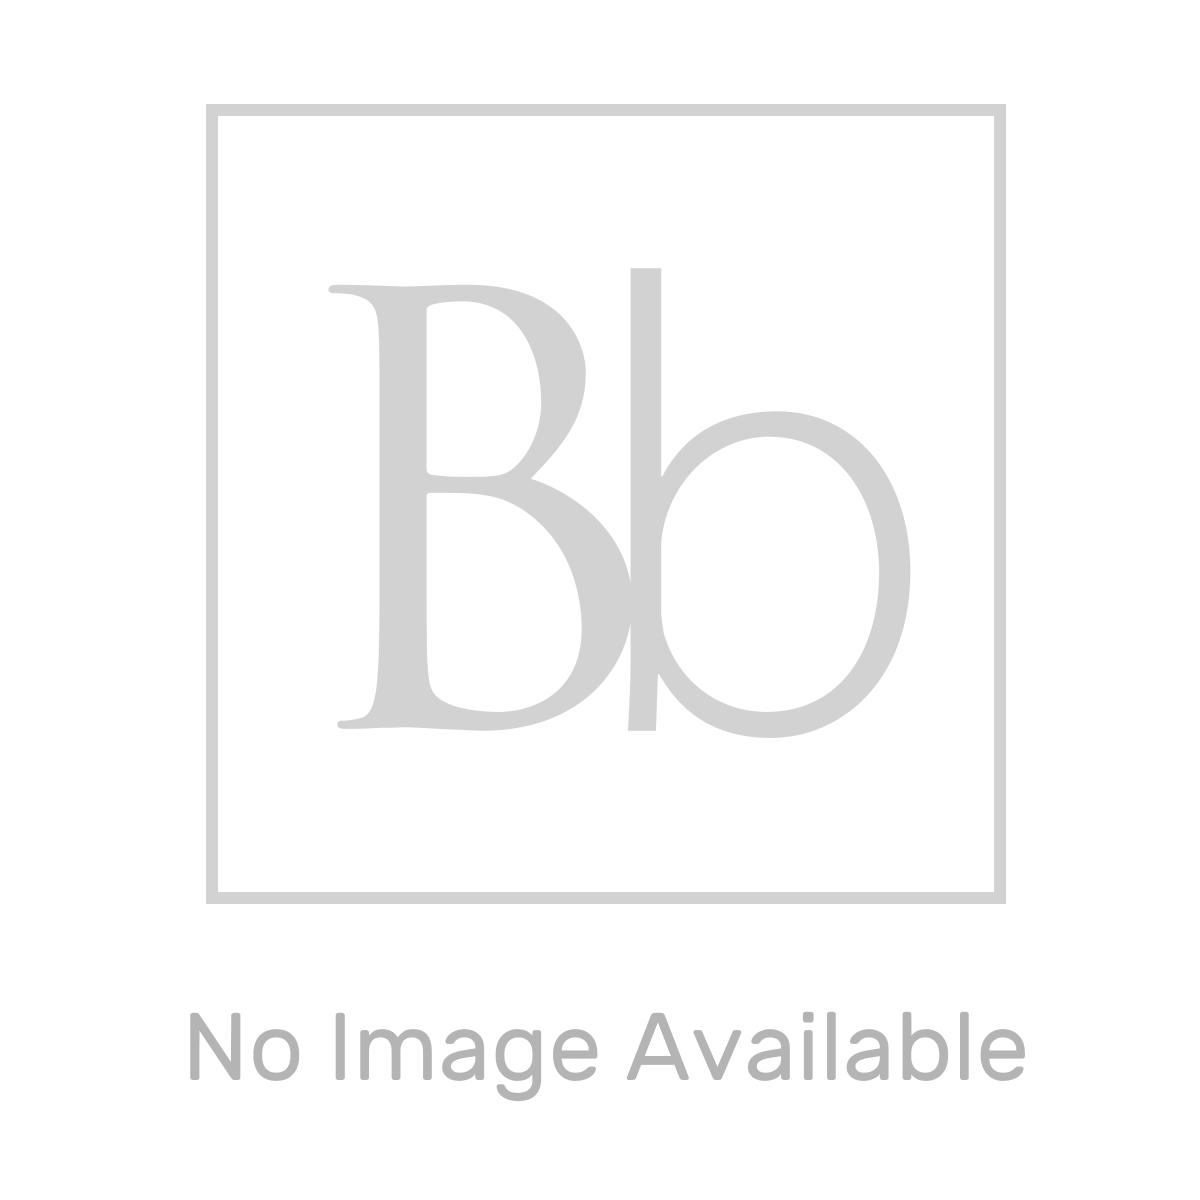 Premier Athena Natural Oak 2 Door Floor Standing Vanity Unit 600mm with Mid Edge Basin